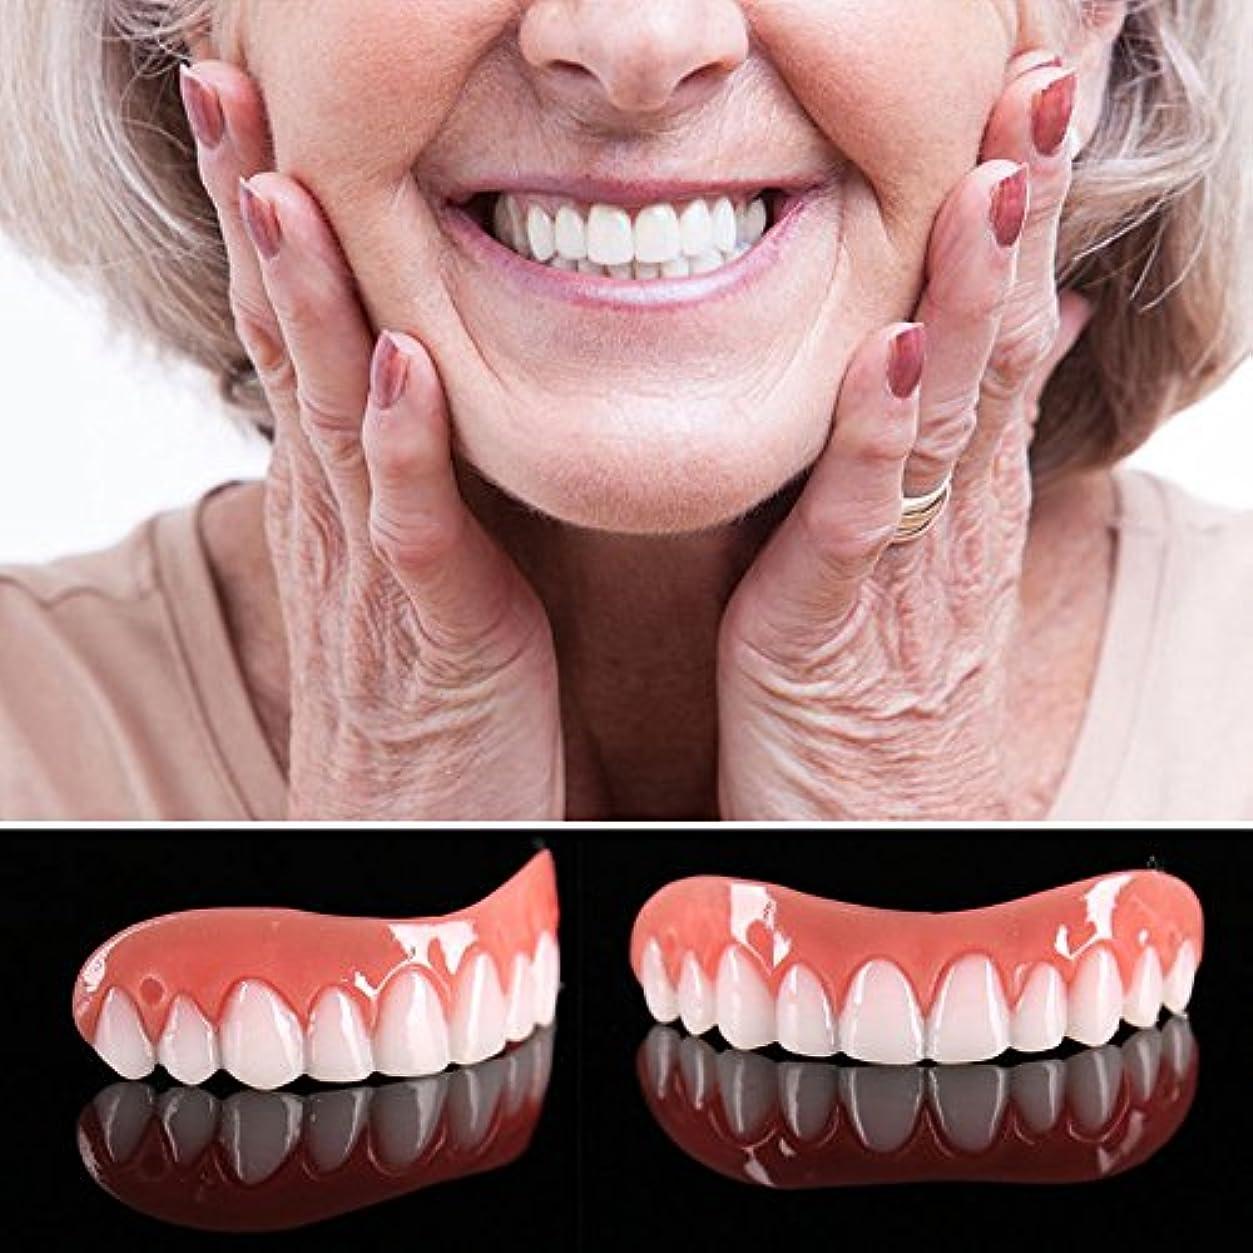 平凡著者ねばねば5ピースアッパーフェイク歯科用ベニアコンフォートフィット歯トップ化粧品ベニアワンサイズフィットすべての義歯接着剤歯偽義歯歯笑顔